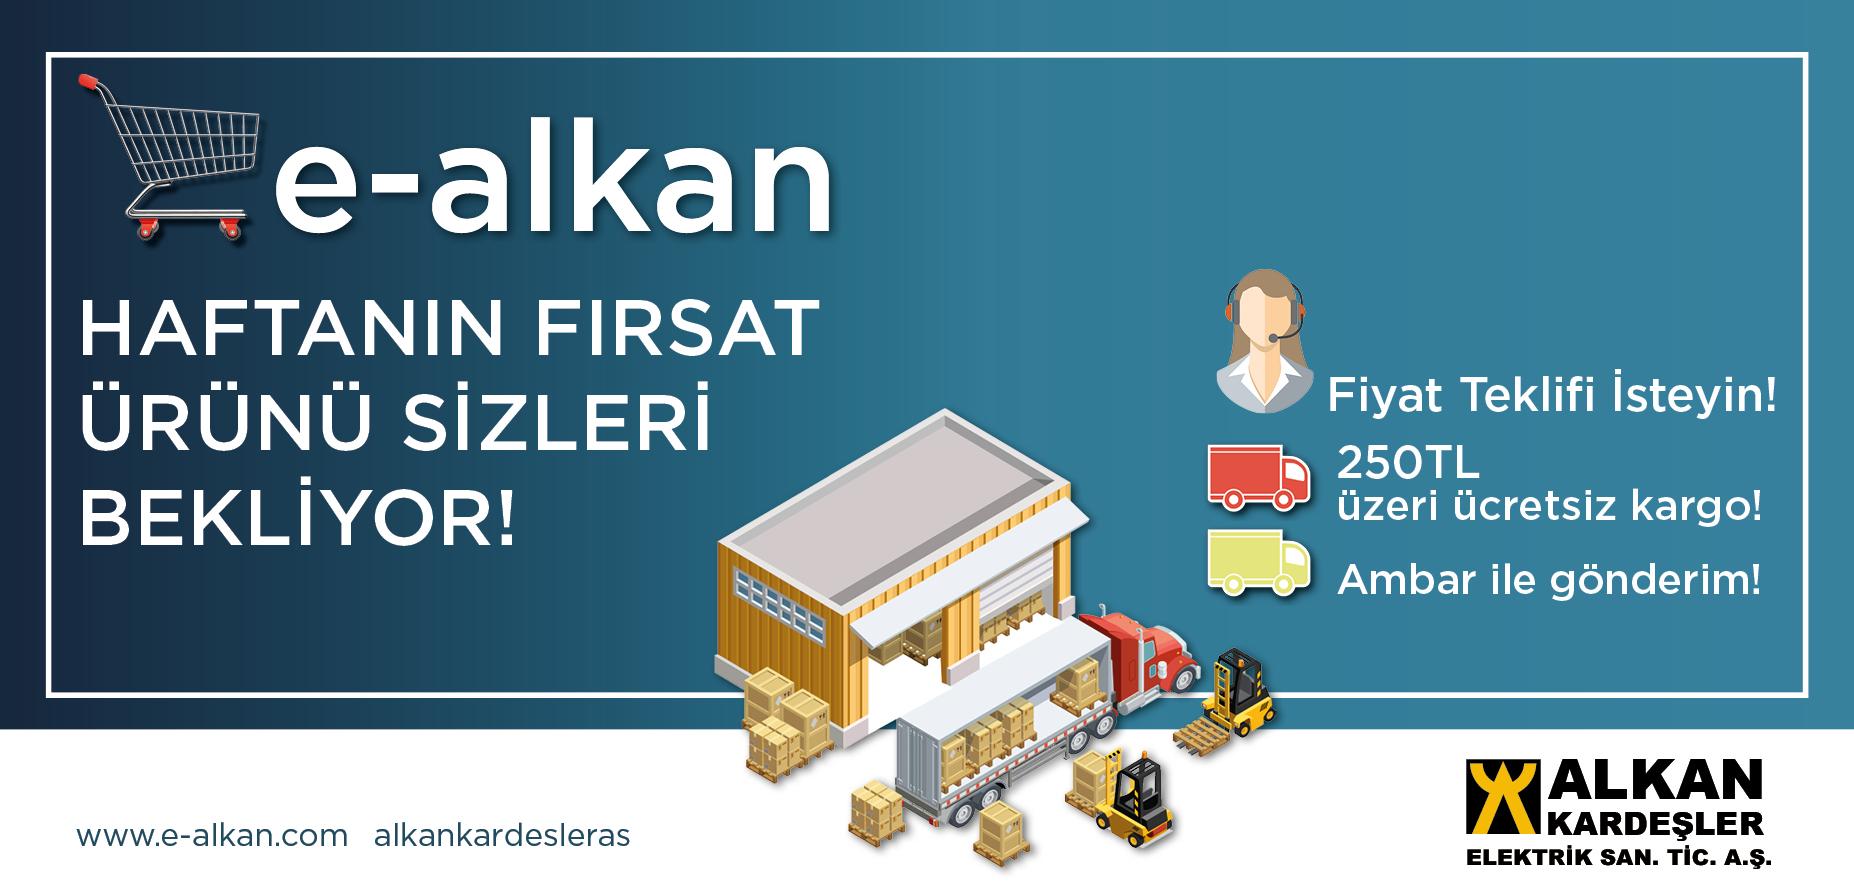 e-alkan1.jpg (496 KB)